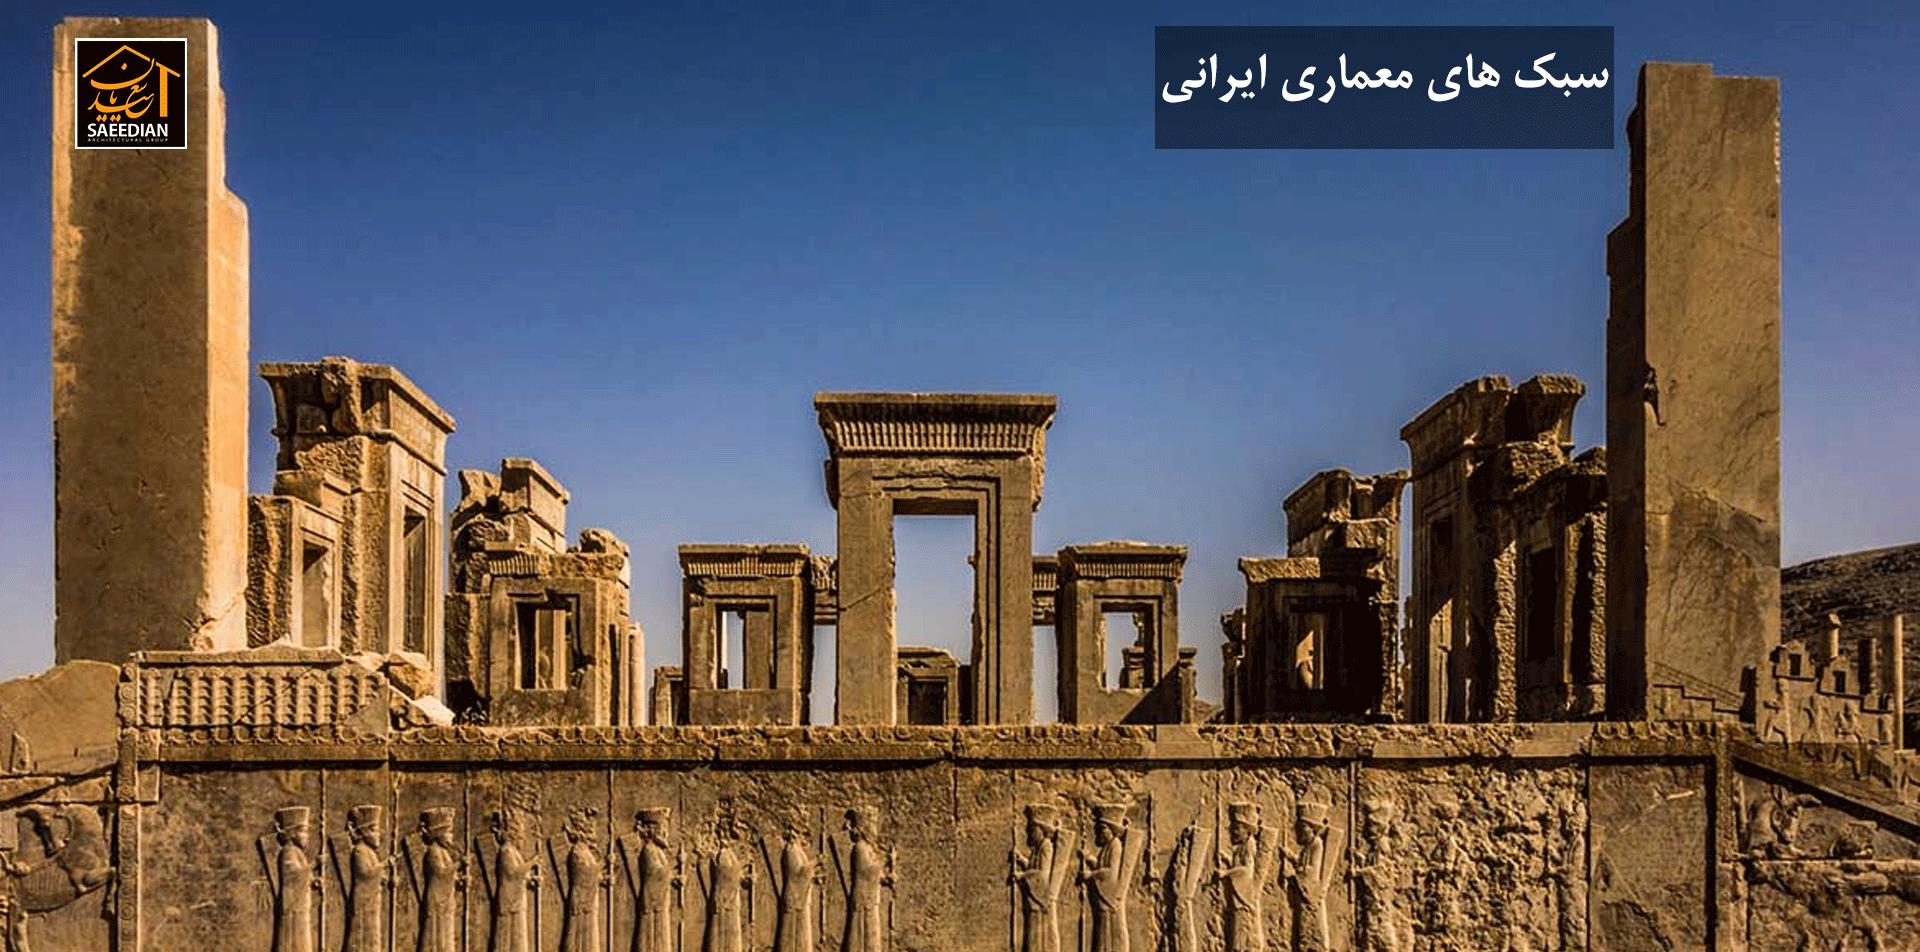 سبک های معماری ایرانی